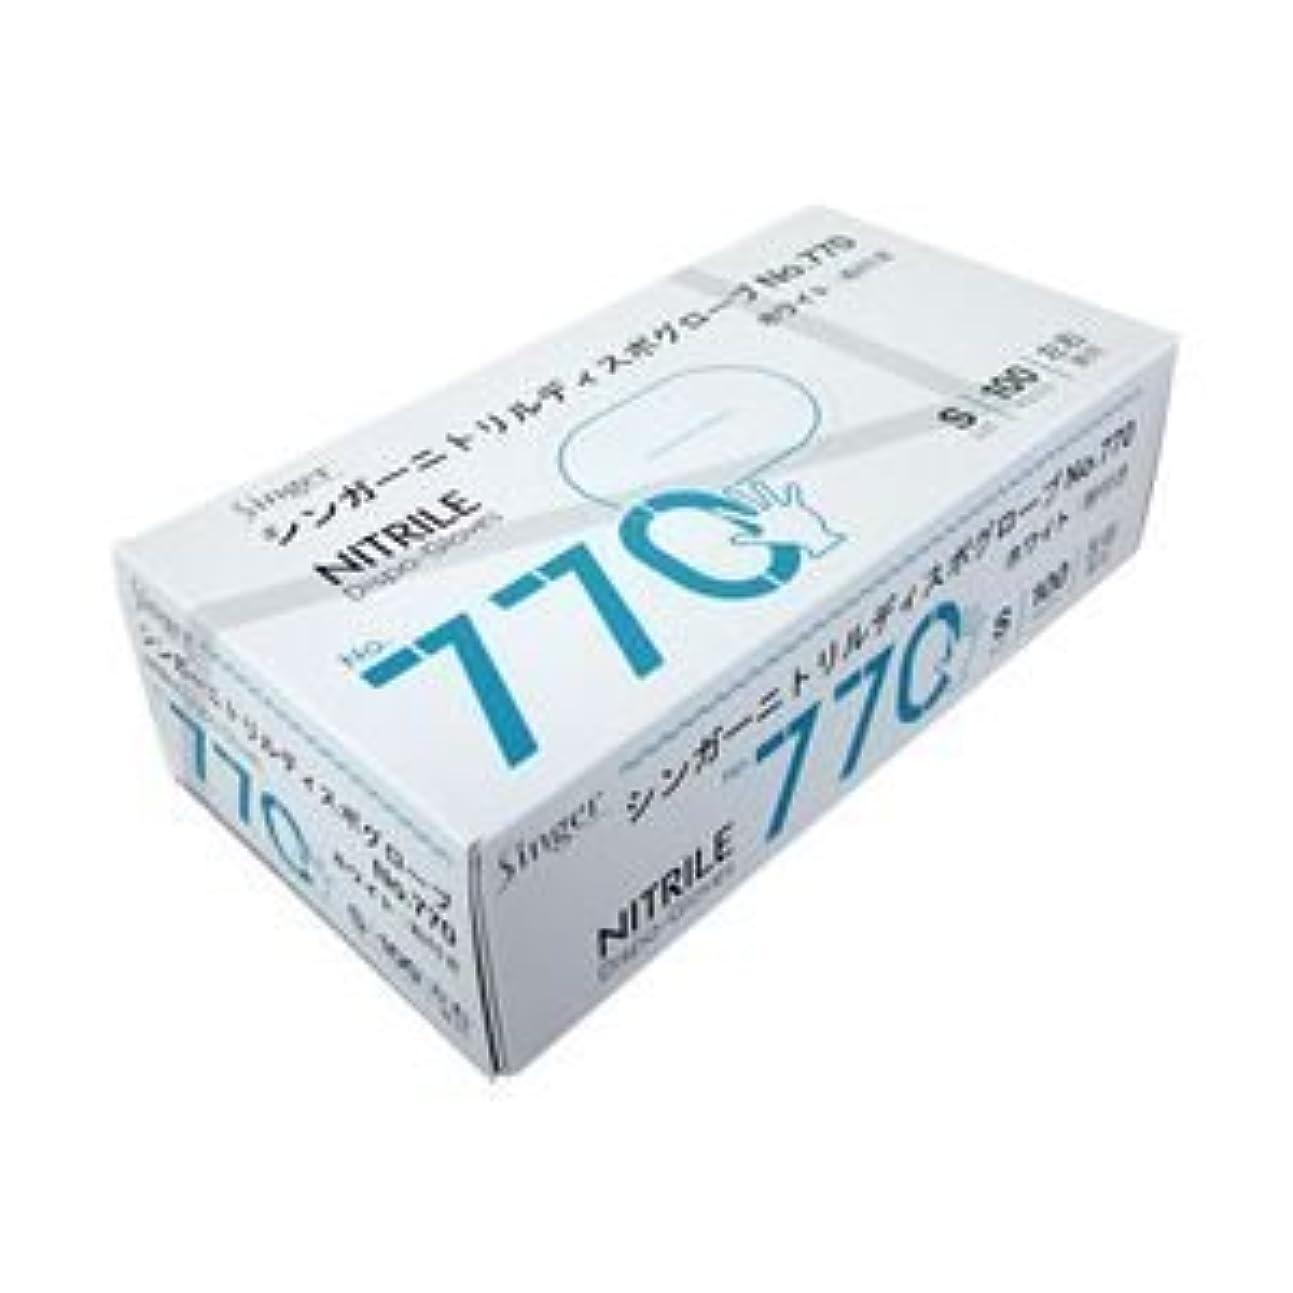 つかの間マザーランド推測宇都宮製作 ニトリル手袋770 粉付き S 1箱(100枚) ×5セット